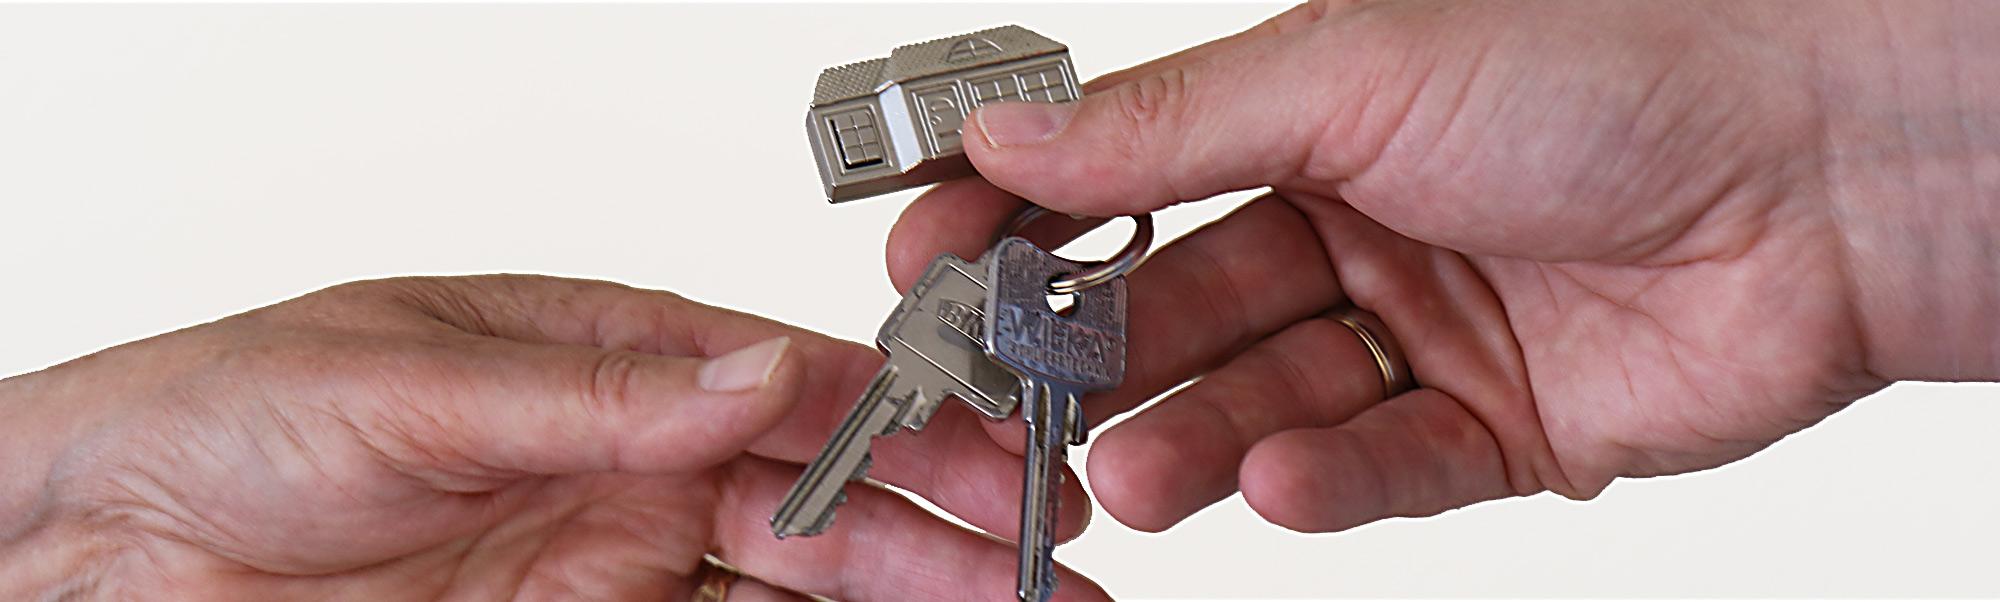 Unser Service bei Jepsen Immobilien - persönlich und individuell